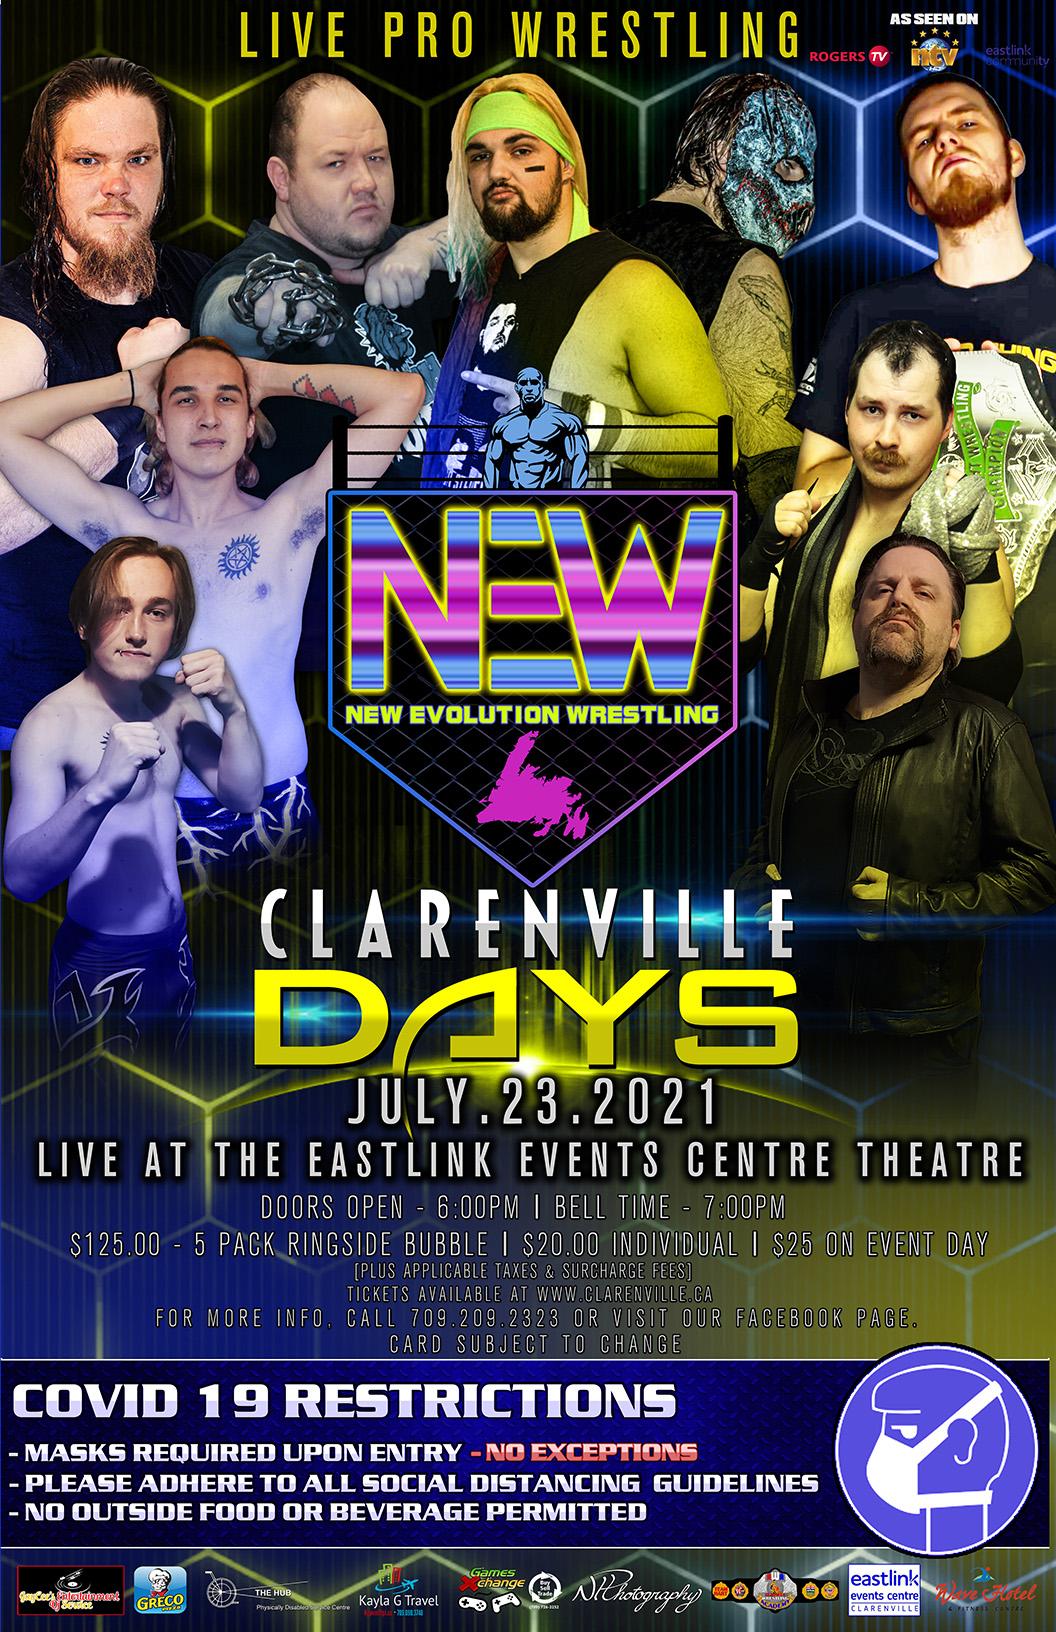 New Evolution Wrestling - Clarenville Days